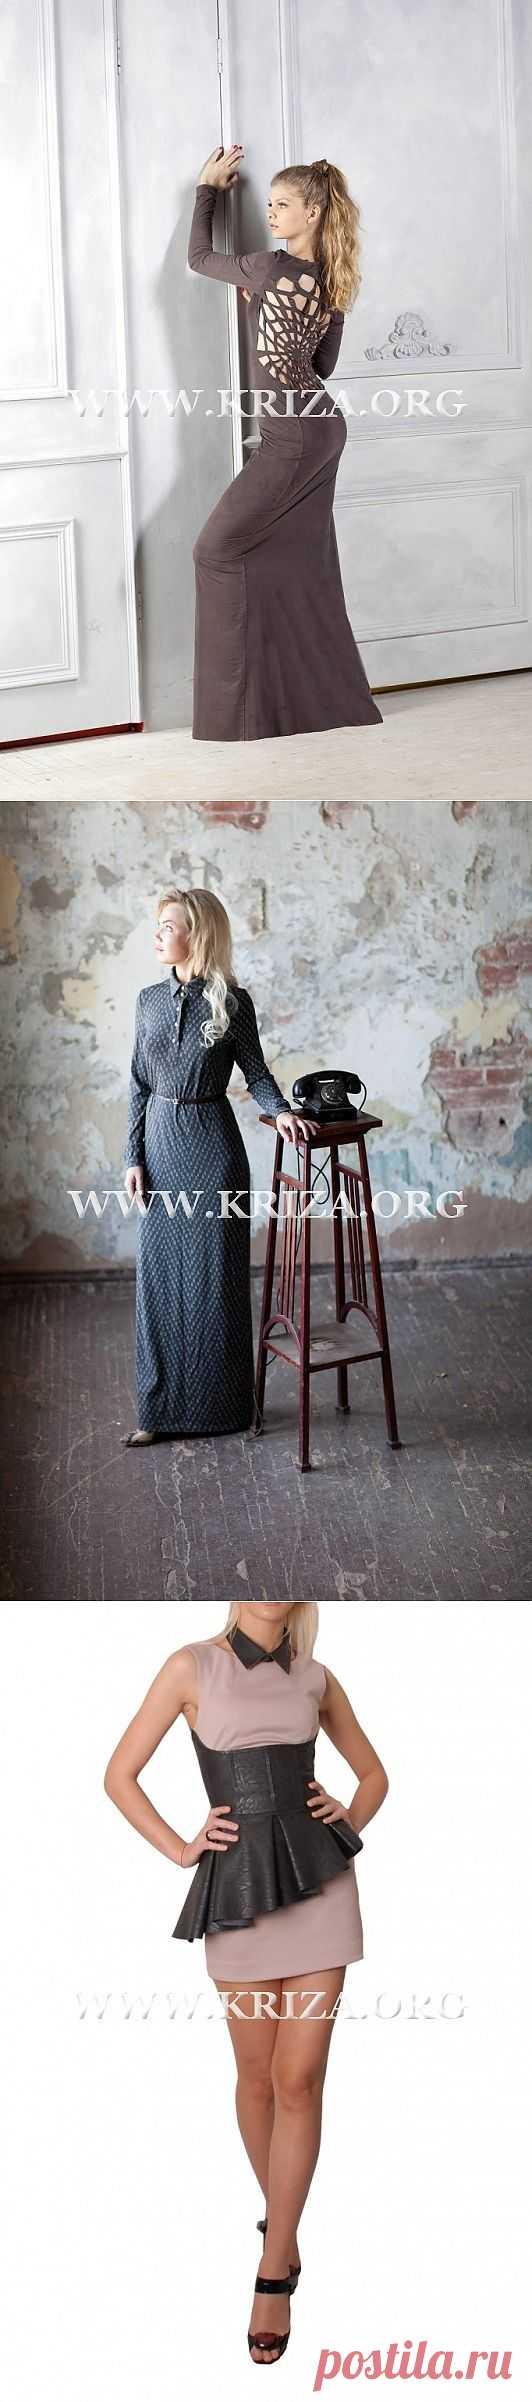 Я обалдела: платье моей мечты (подборка фото) / На выход / Модный сайт о стильной переделке одежды и интерьера